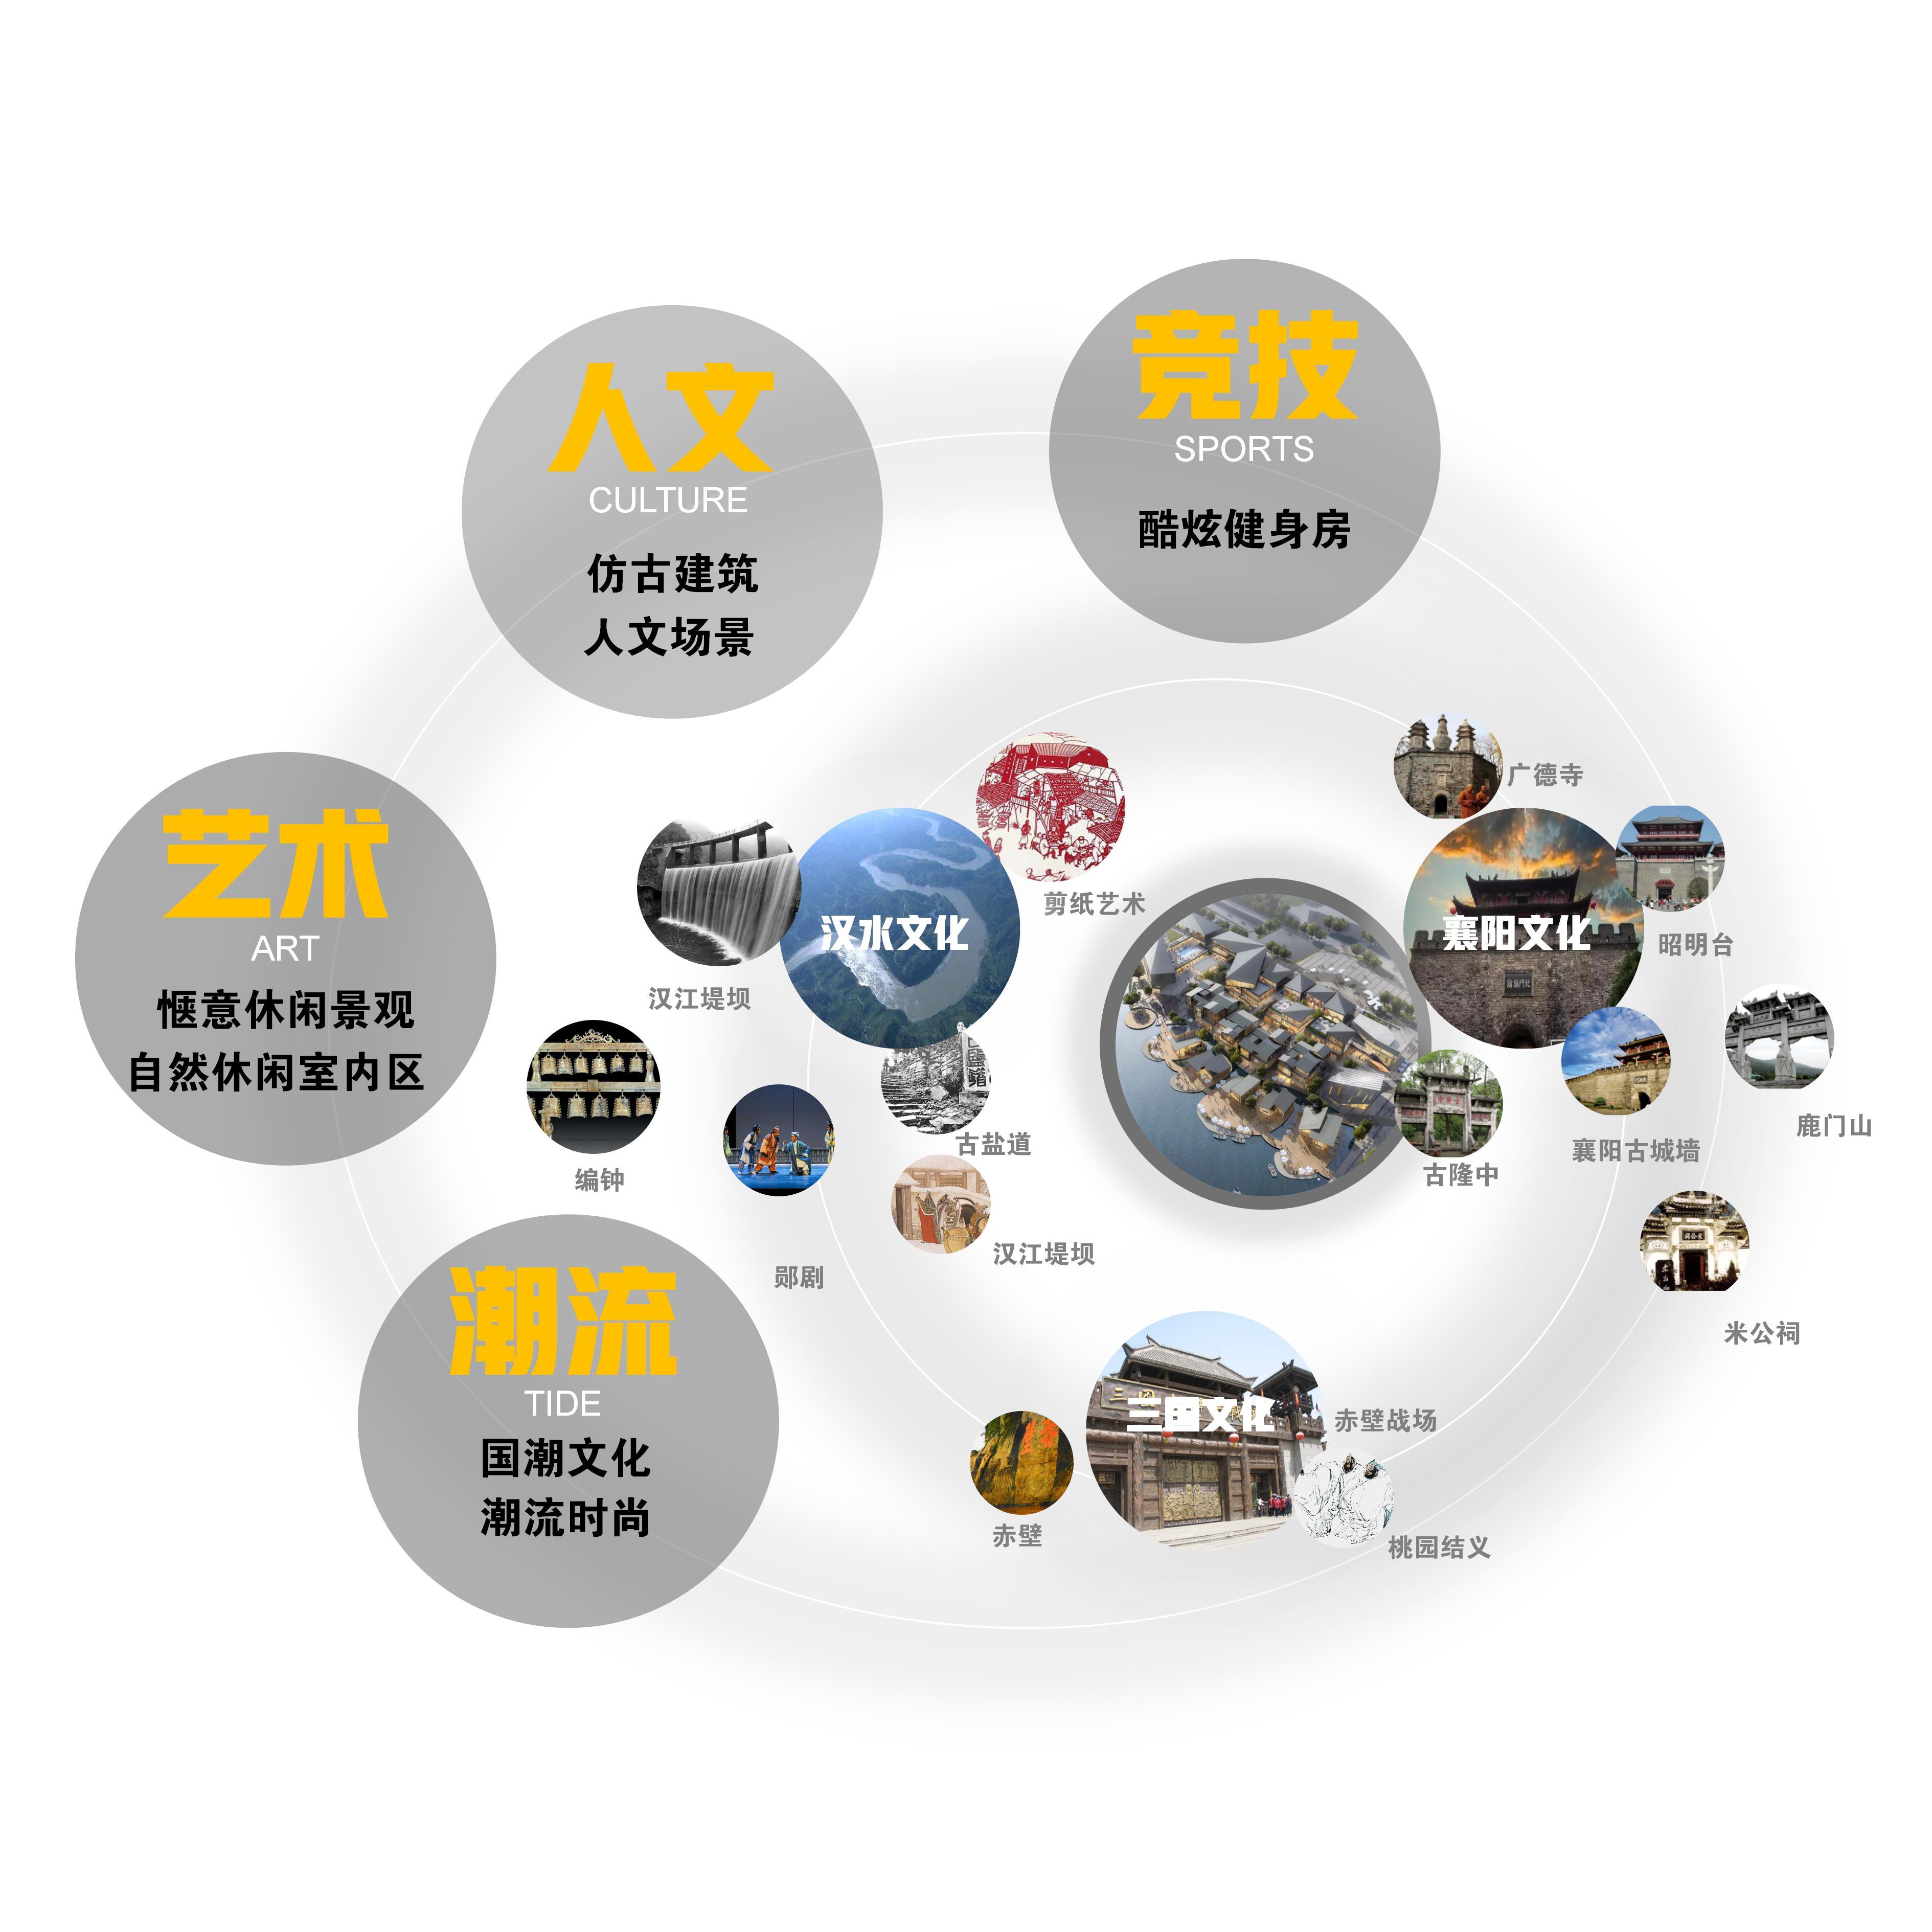 D:DADA工作叶燕玲工作资料国人在线运营报告20209月份9月软文插图项目业态 (3).jpg业态 (3)